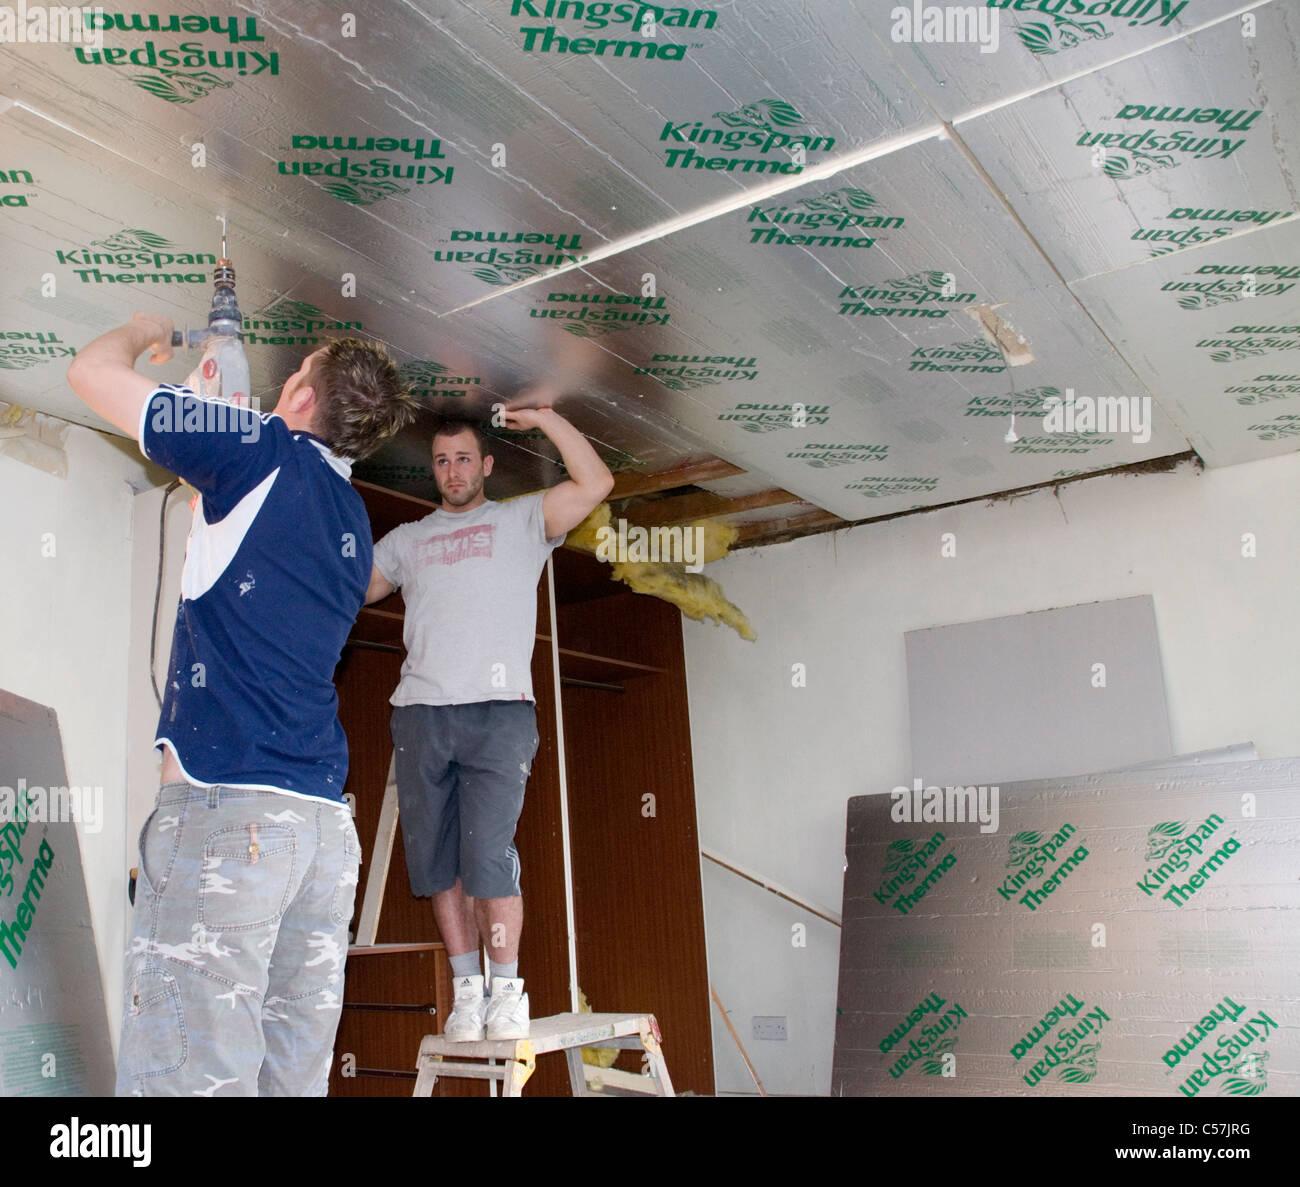 Bauherren, die Installation von high-Performance Kingspan und Celotex-Wärmedämmplatten an Wänden Stockbild